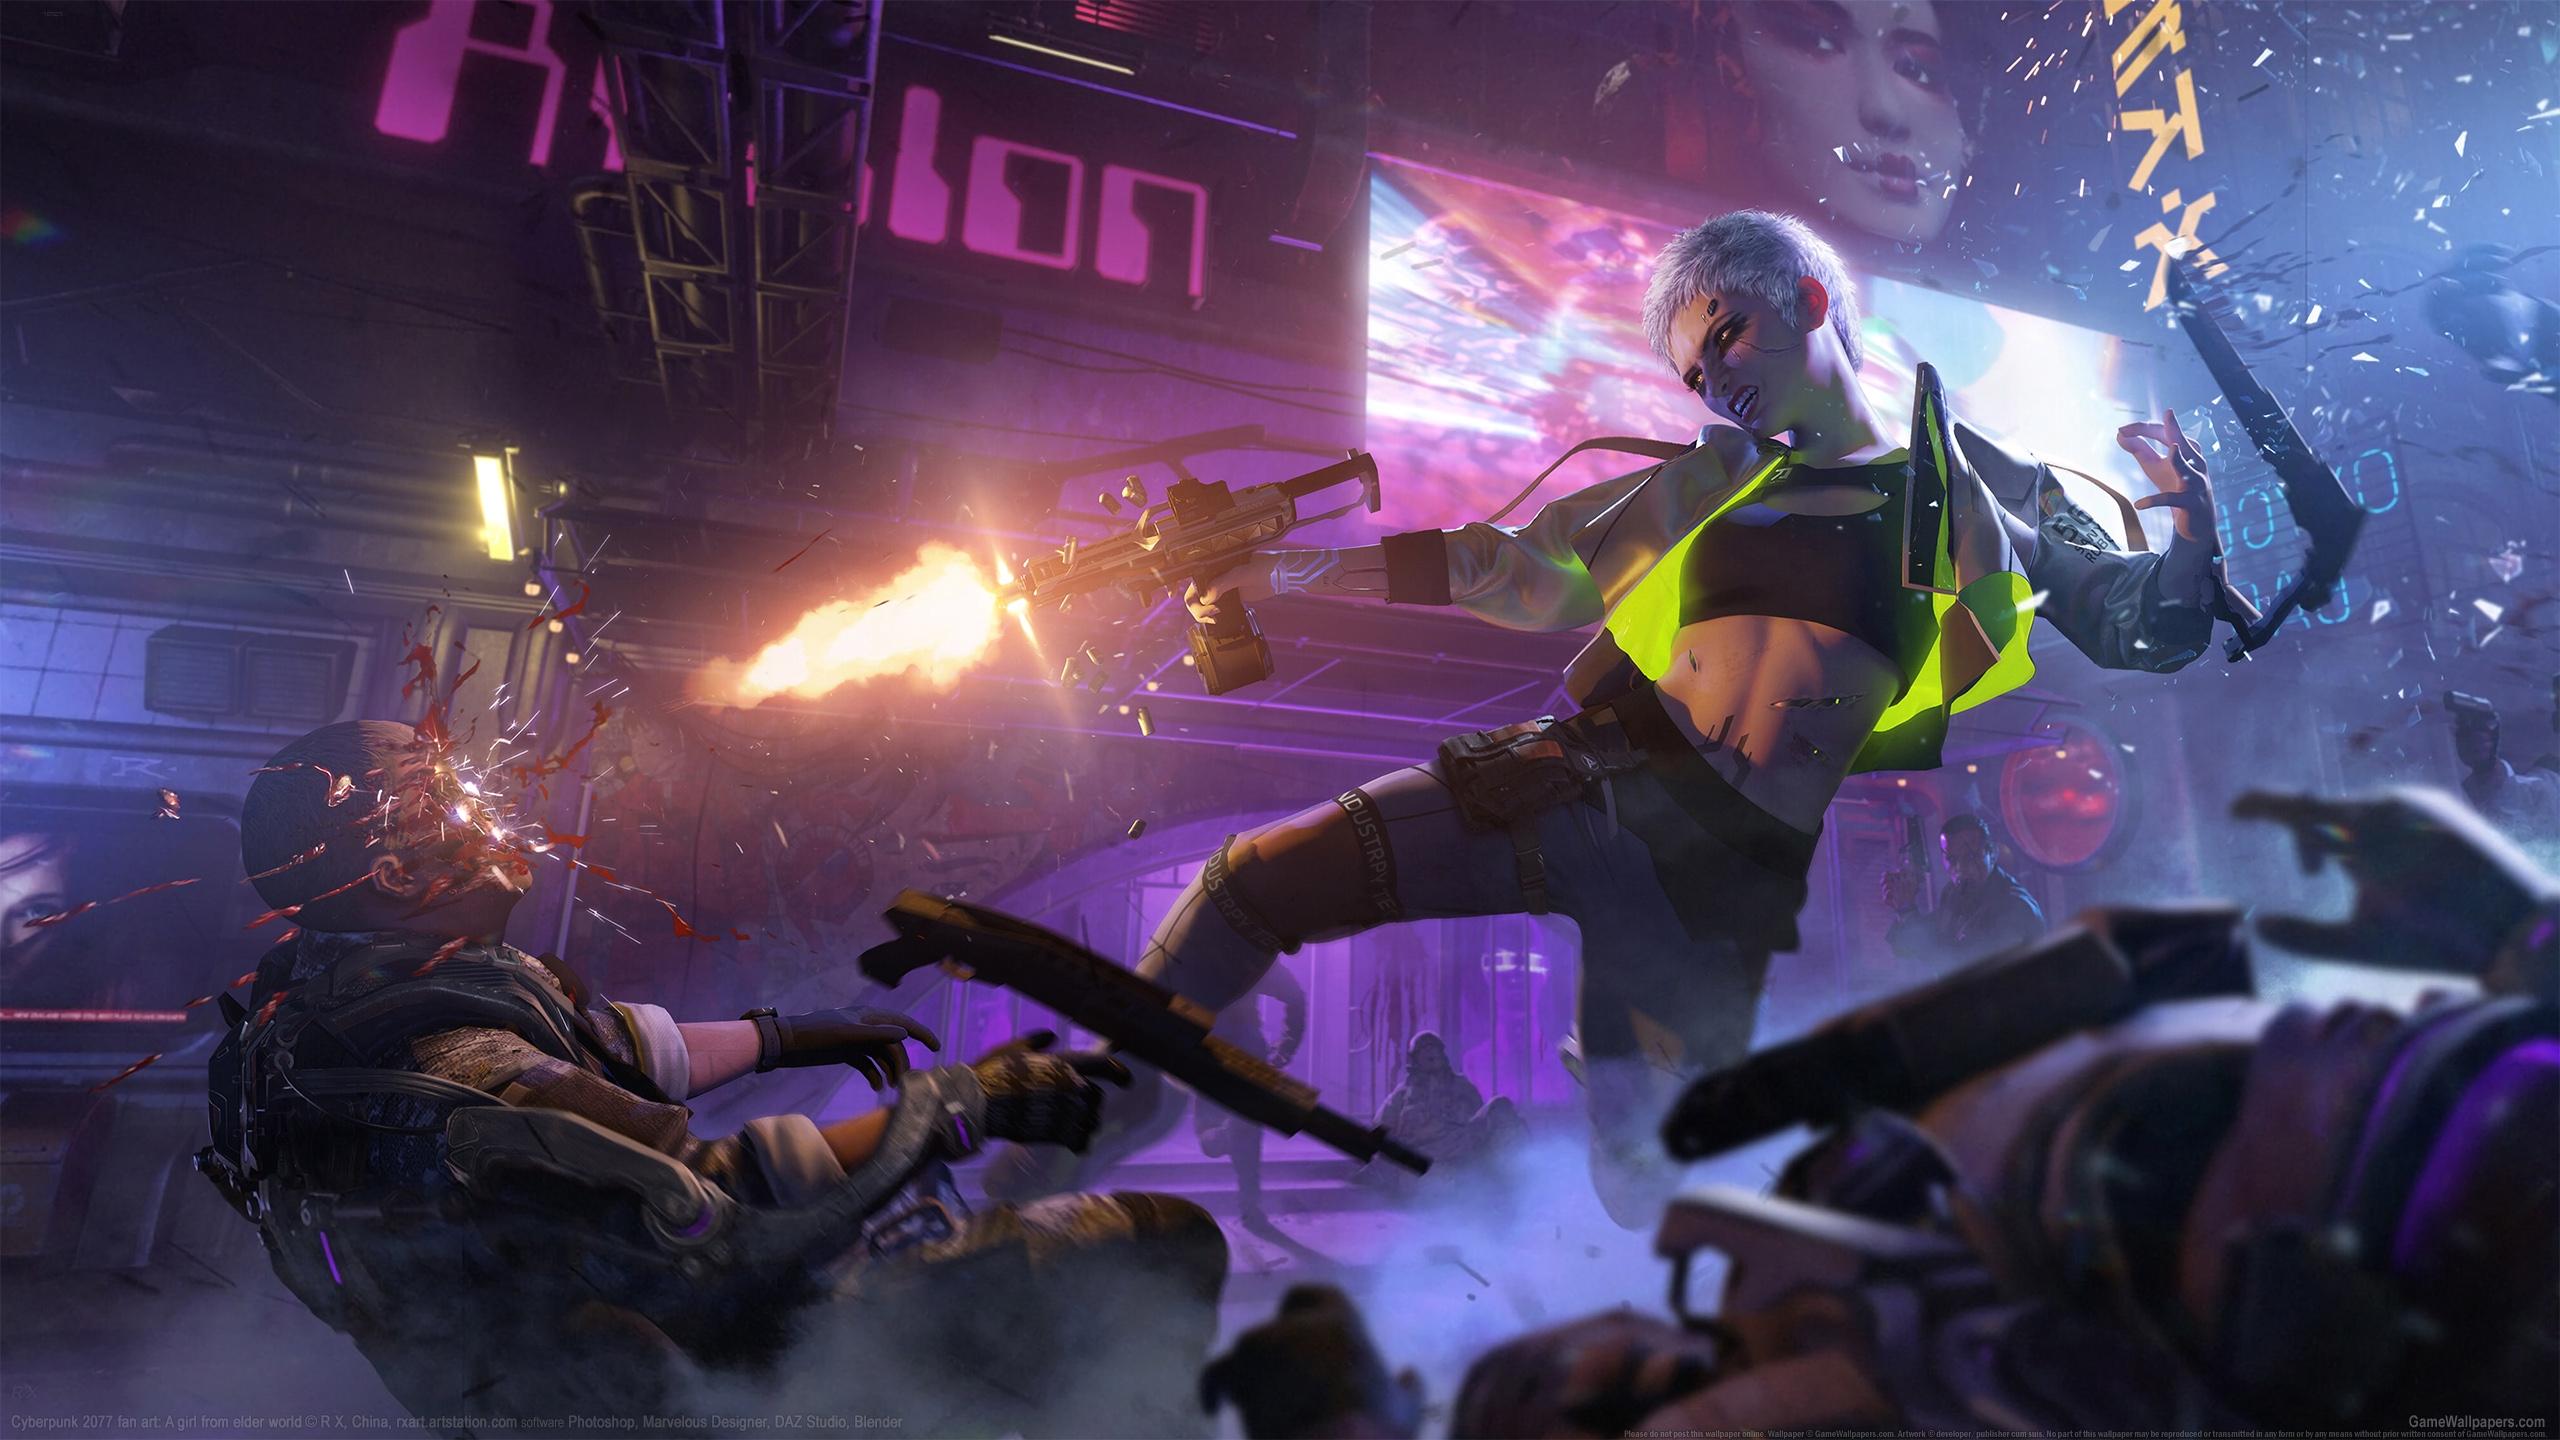 Cyberpunk 2077 fan art 2560x1440 wallpaper or background 03